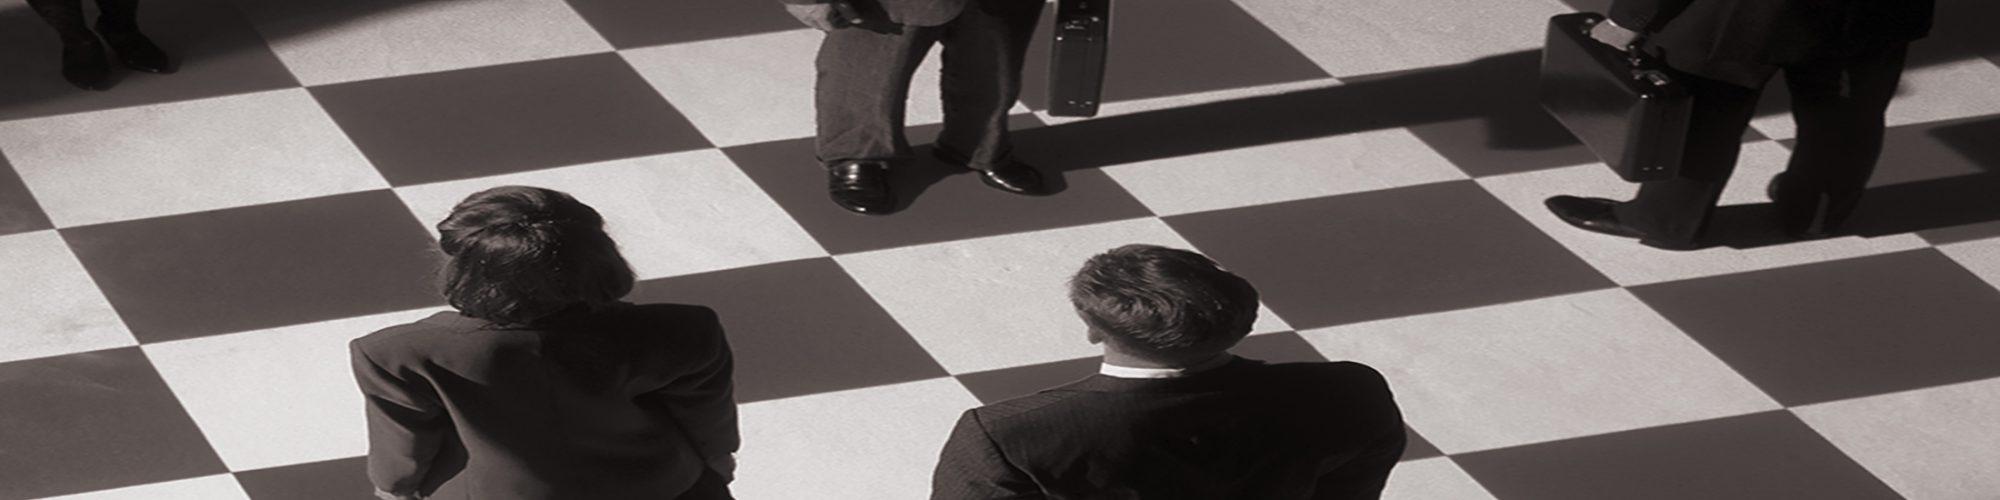 checkers2200x700